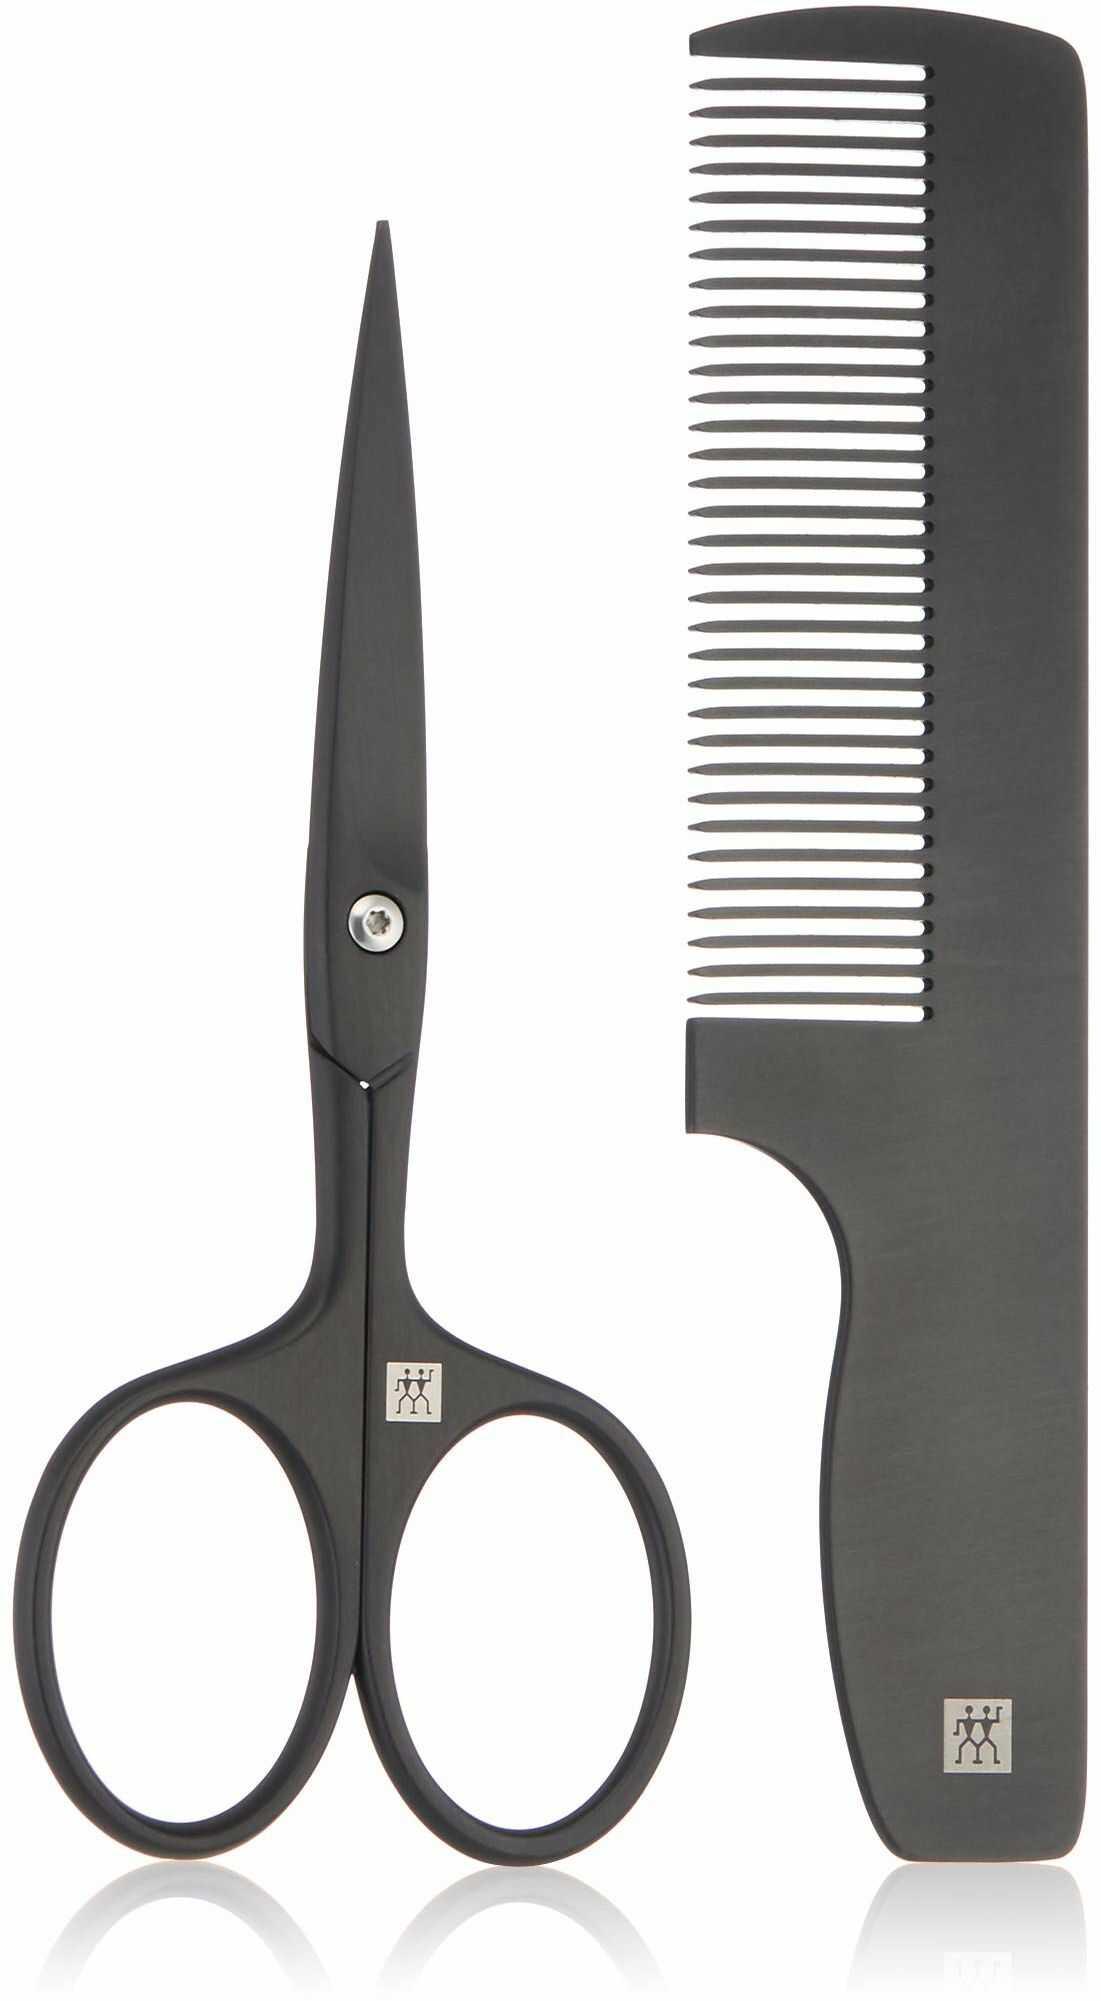 Zwilling Twinox M nożyczki do brody i grzebień etui kieszonkowe, 2-częściowy zestaw do pielęgnacji włosów na twarzy, skracanie kształtów, skóra bydlęca czarna